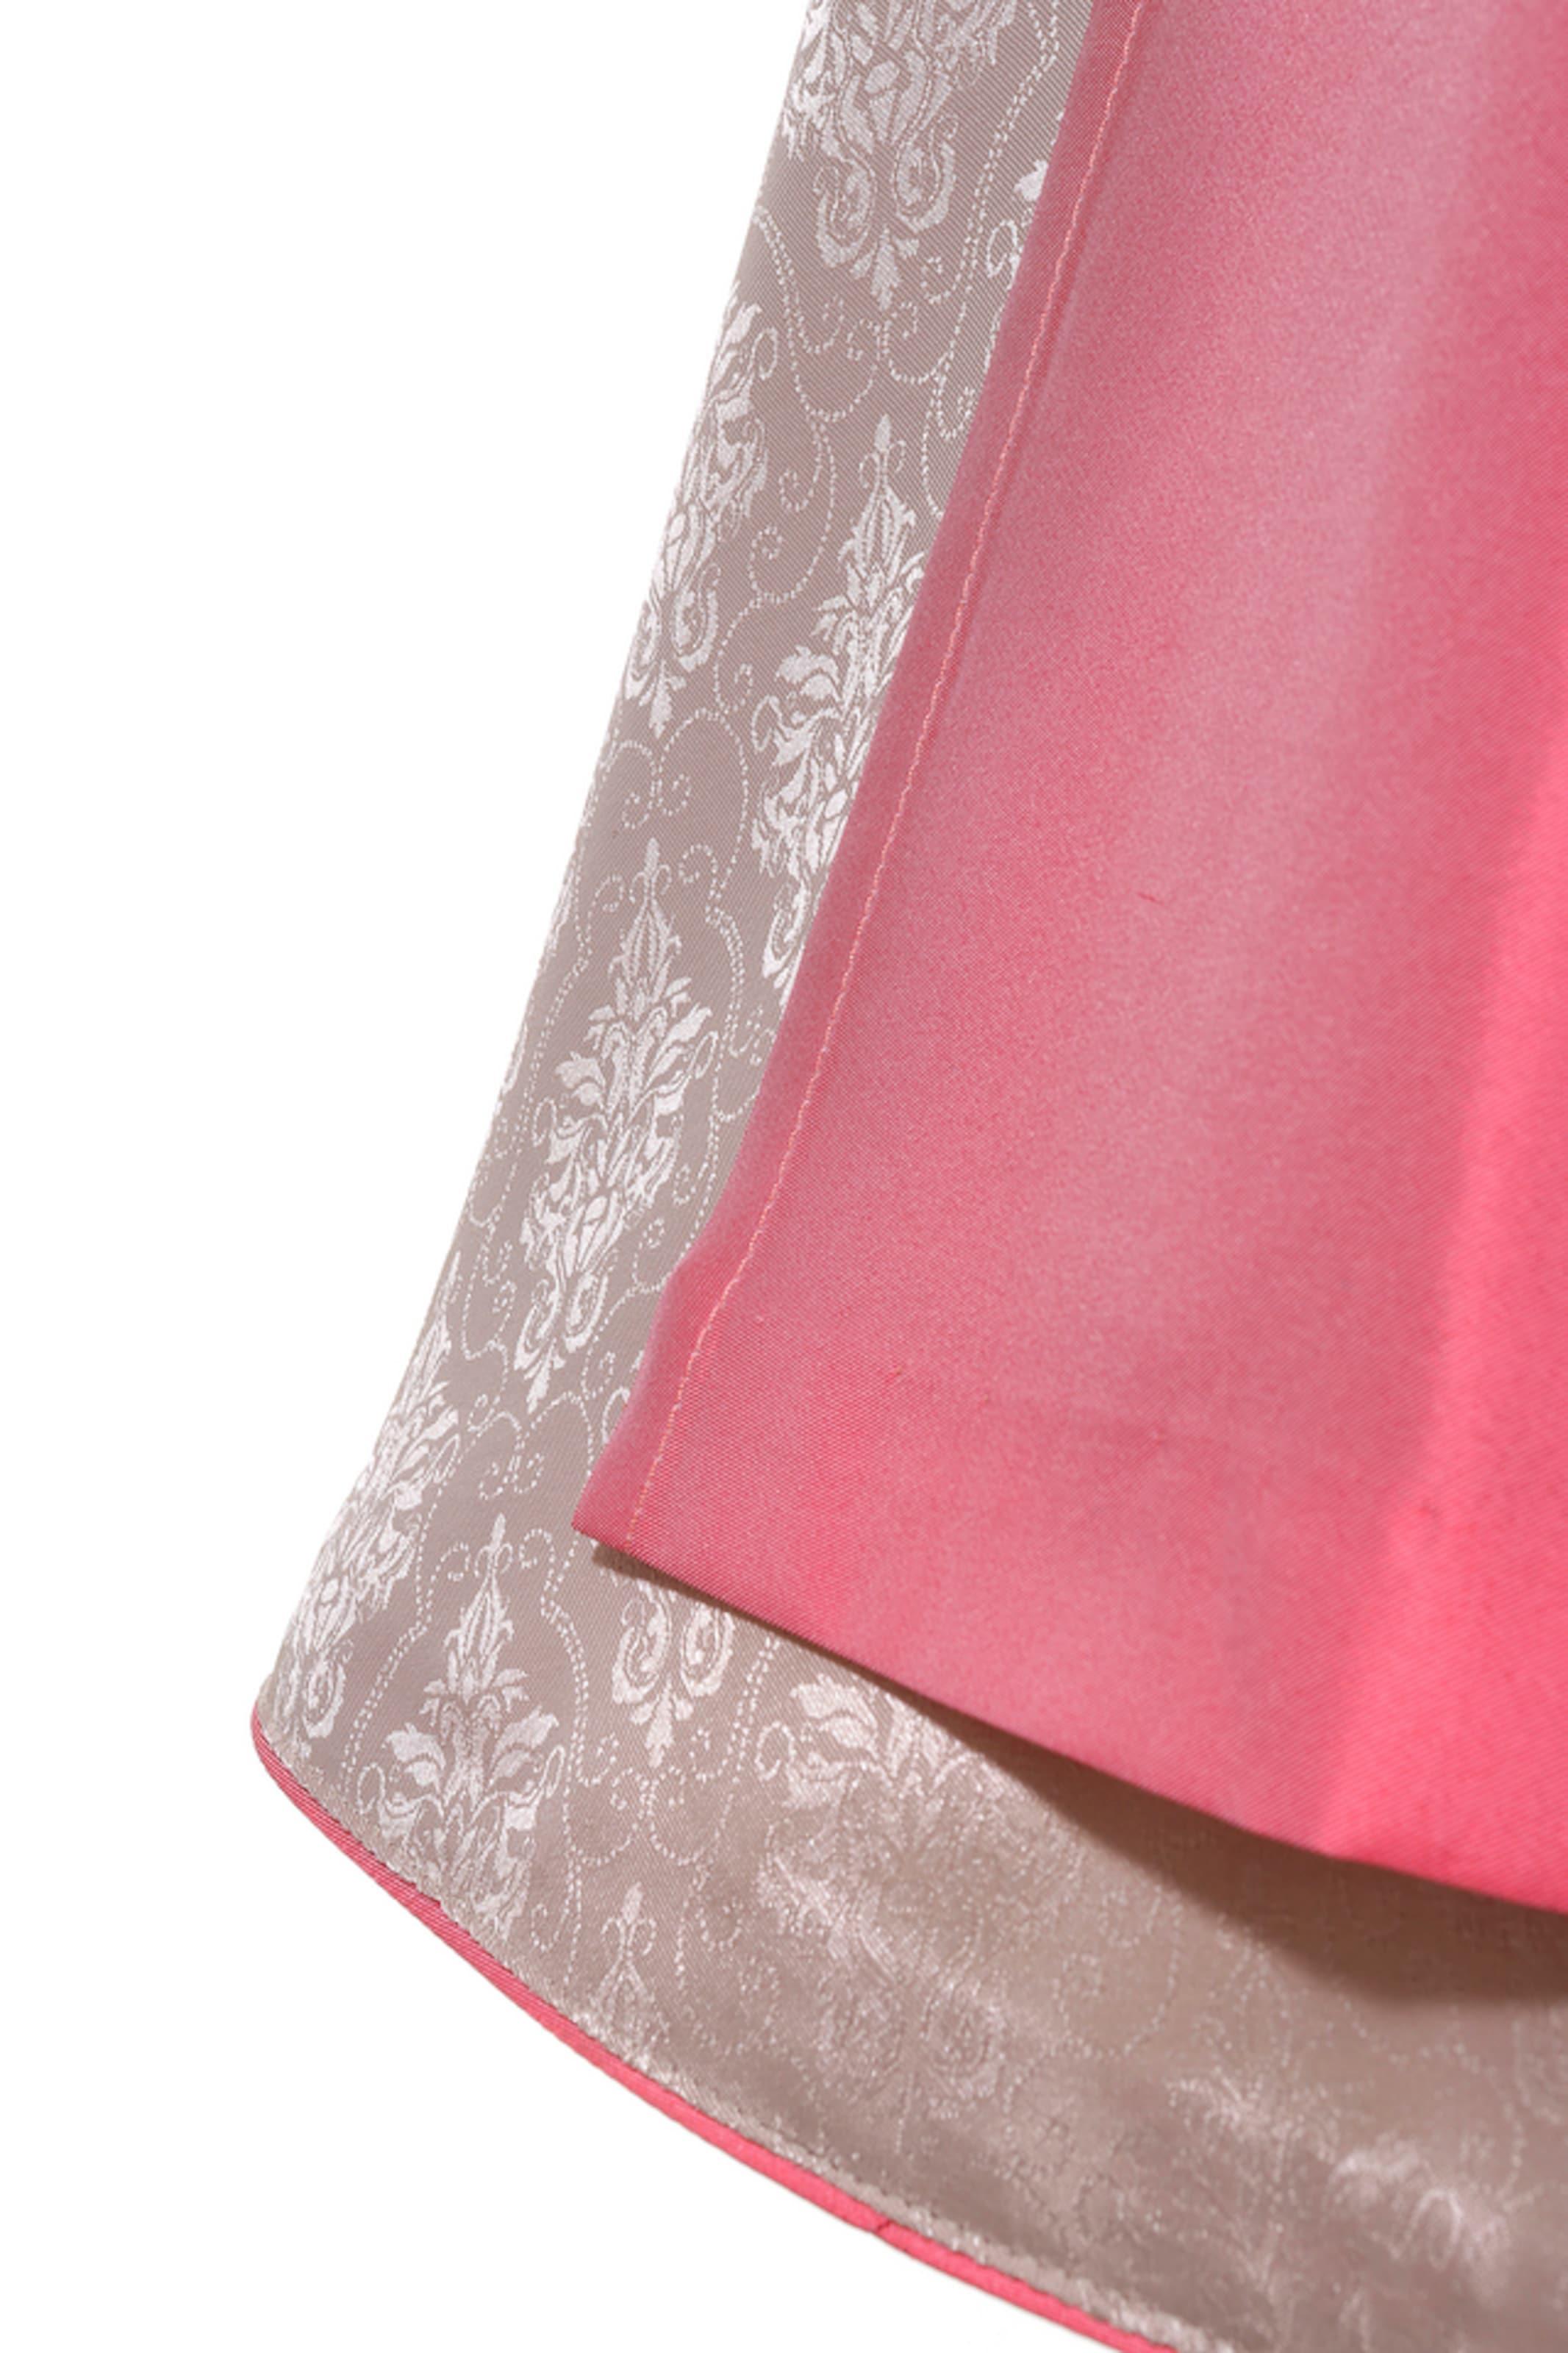 Spielraum Zuverlässig Billig Verkauf Ausgezeichnet HANNAH Dirndl midi in frischen Farben Preise Für Verkauf Sammlungen Zum Verkauf Eastbay fPYbTL